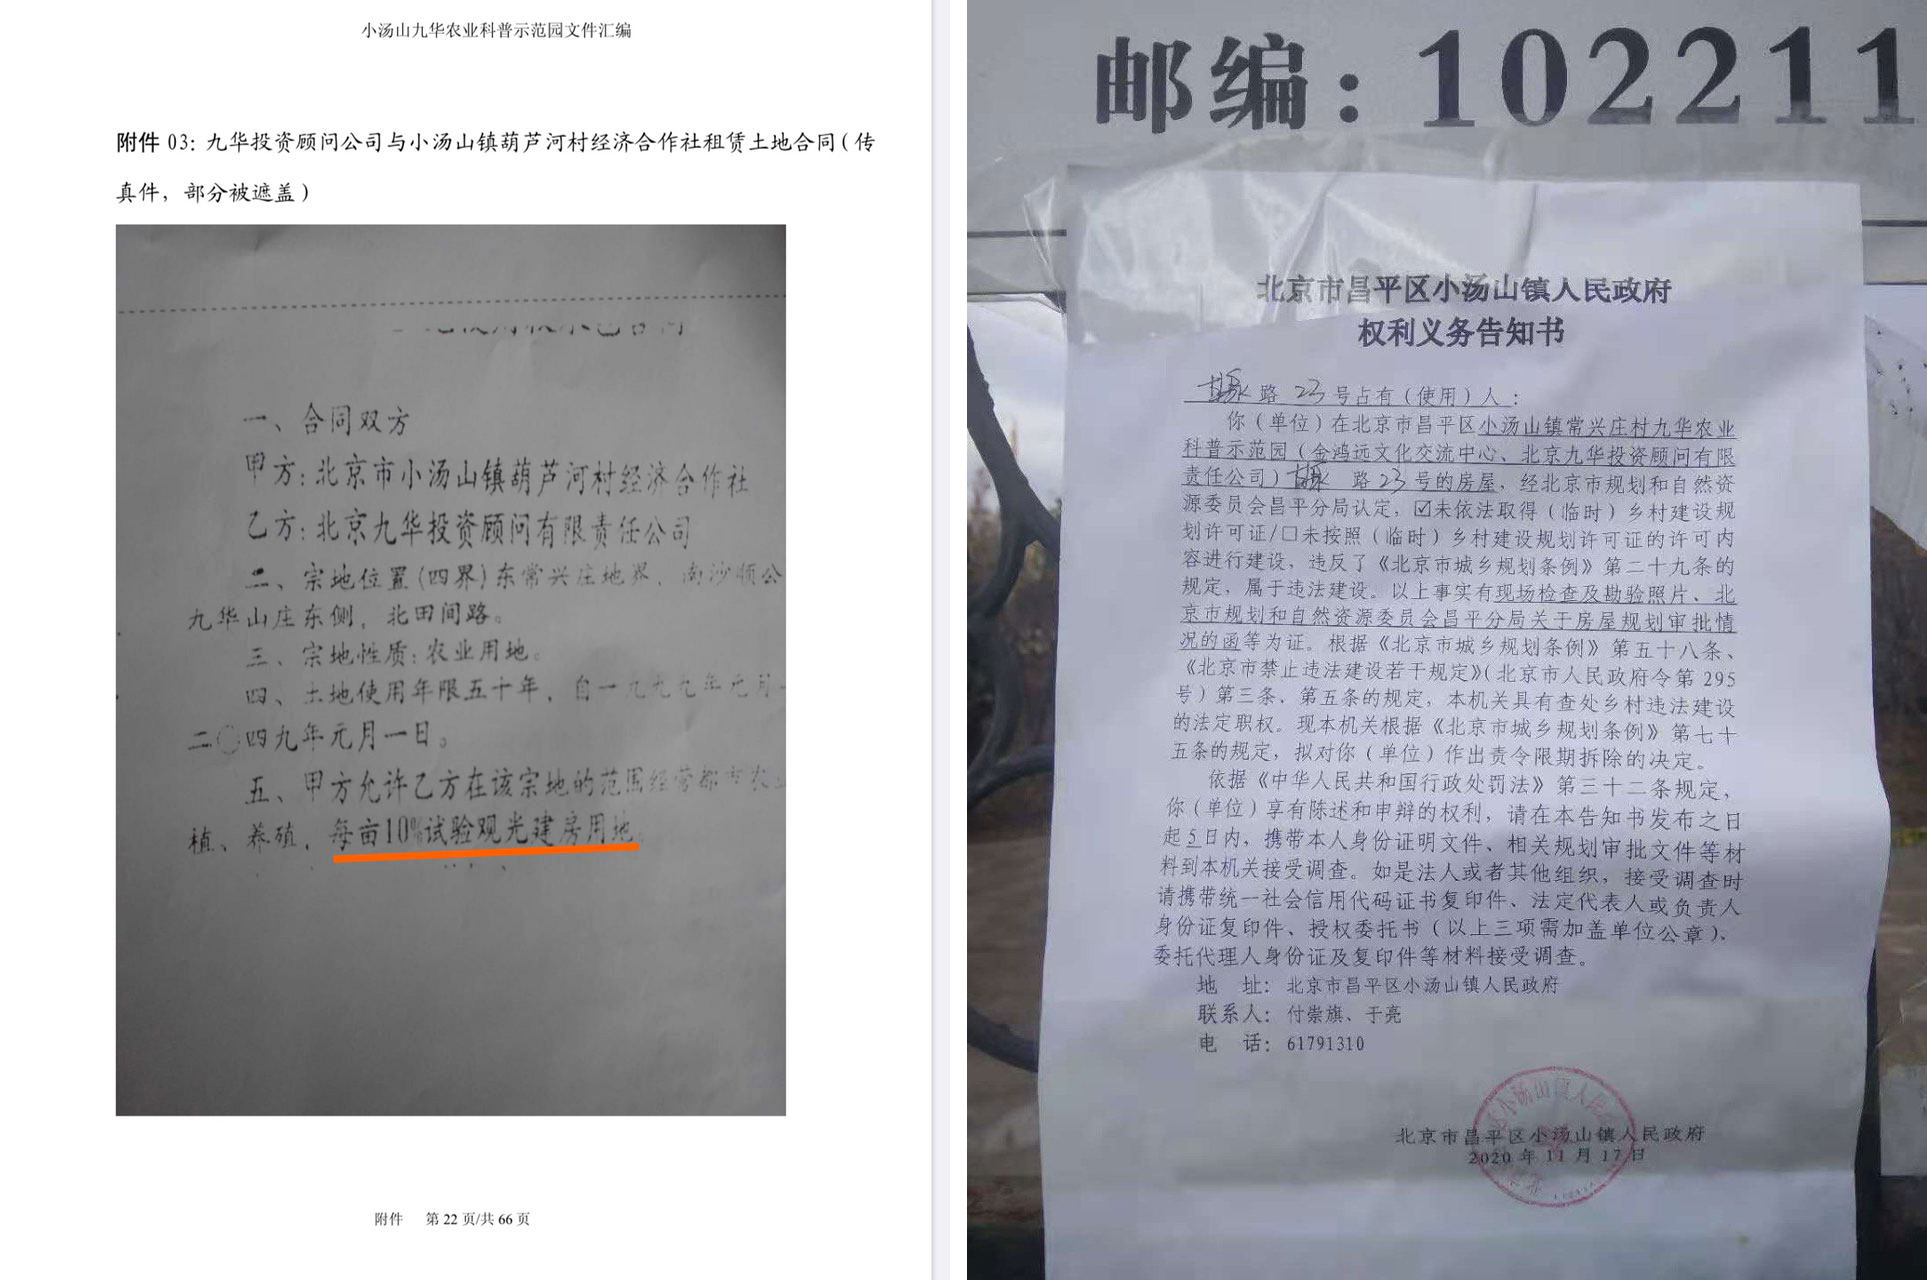 北京昌平爆发强拆事件 黑衣人员强行进入小区切断天然气